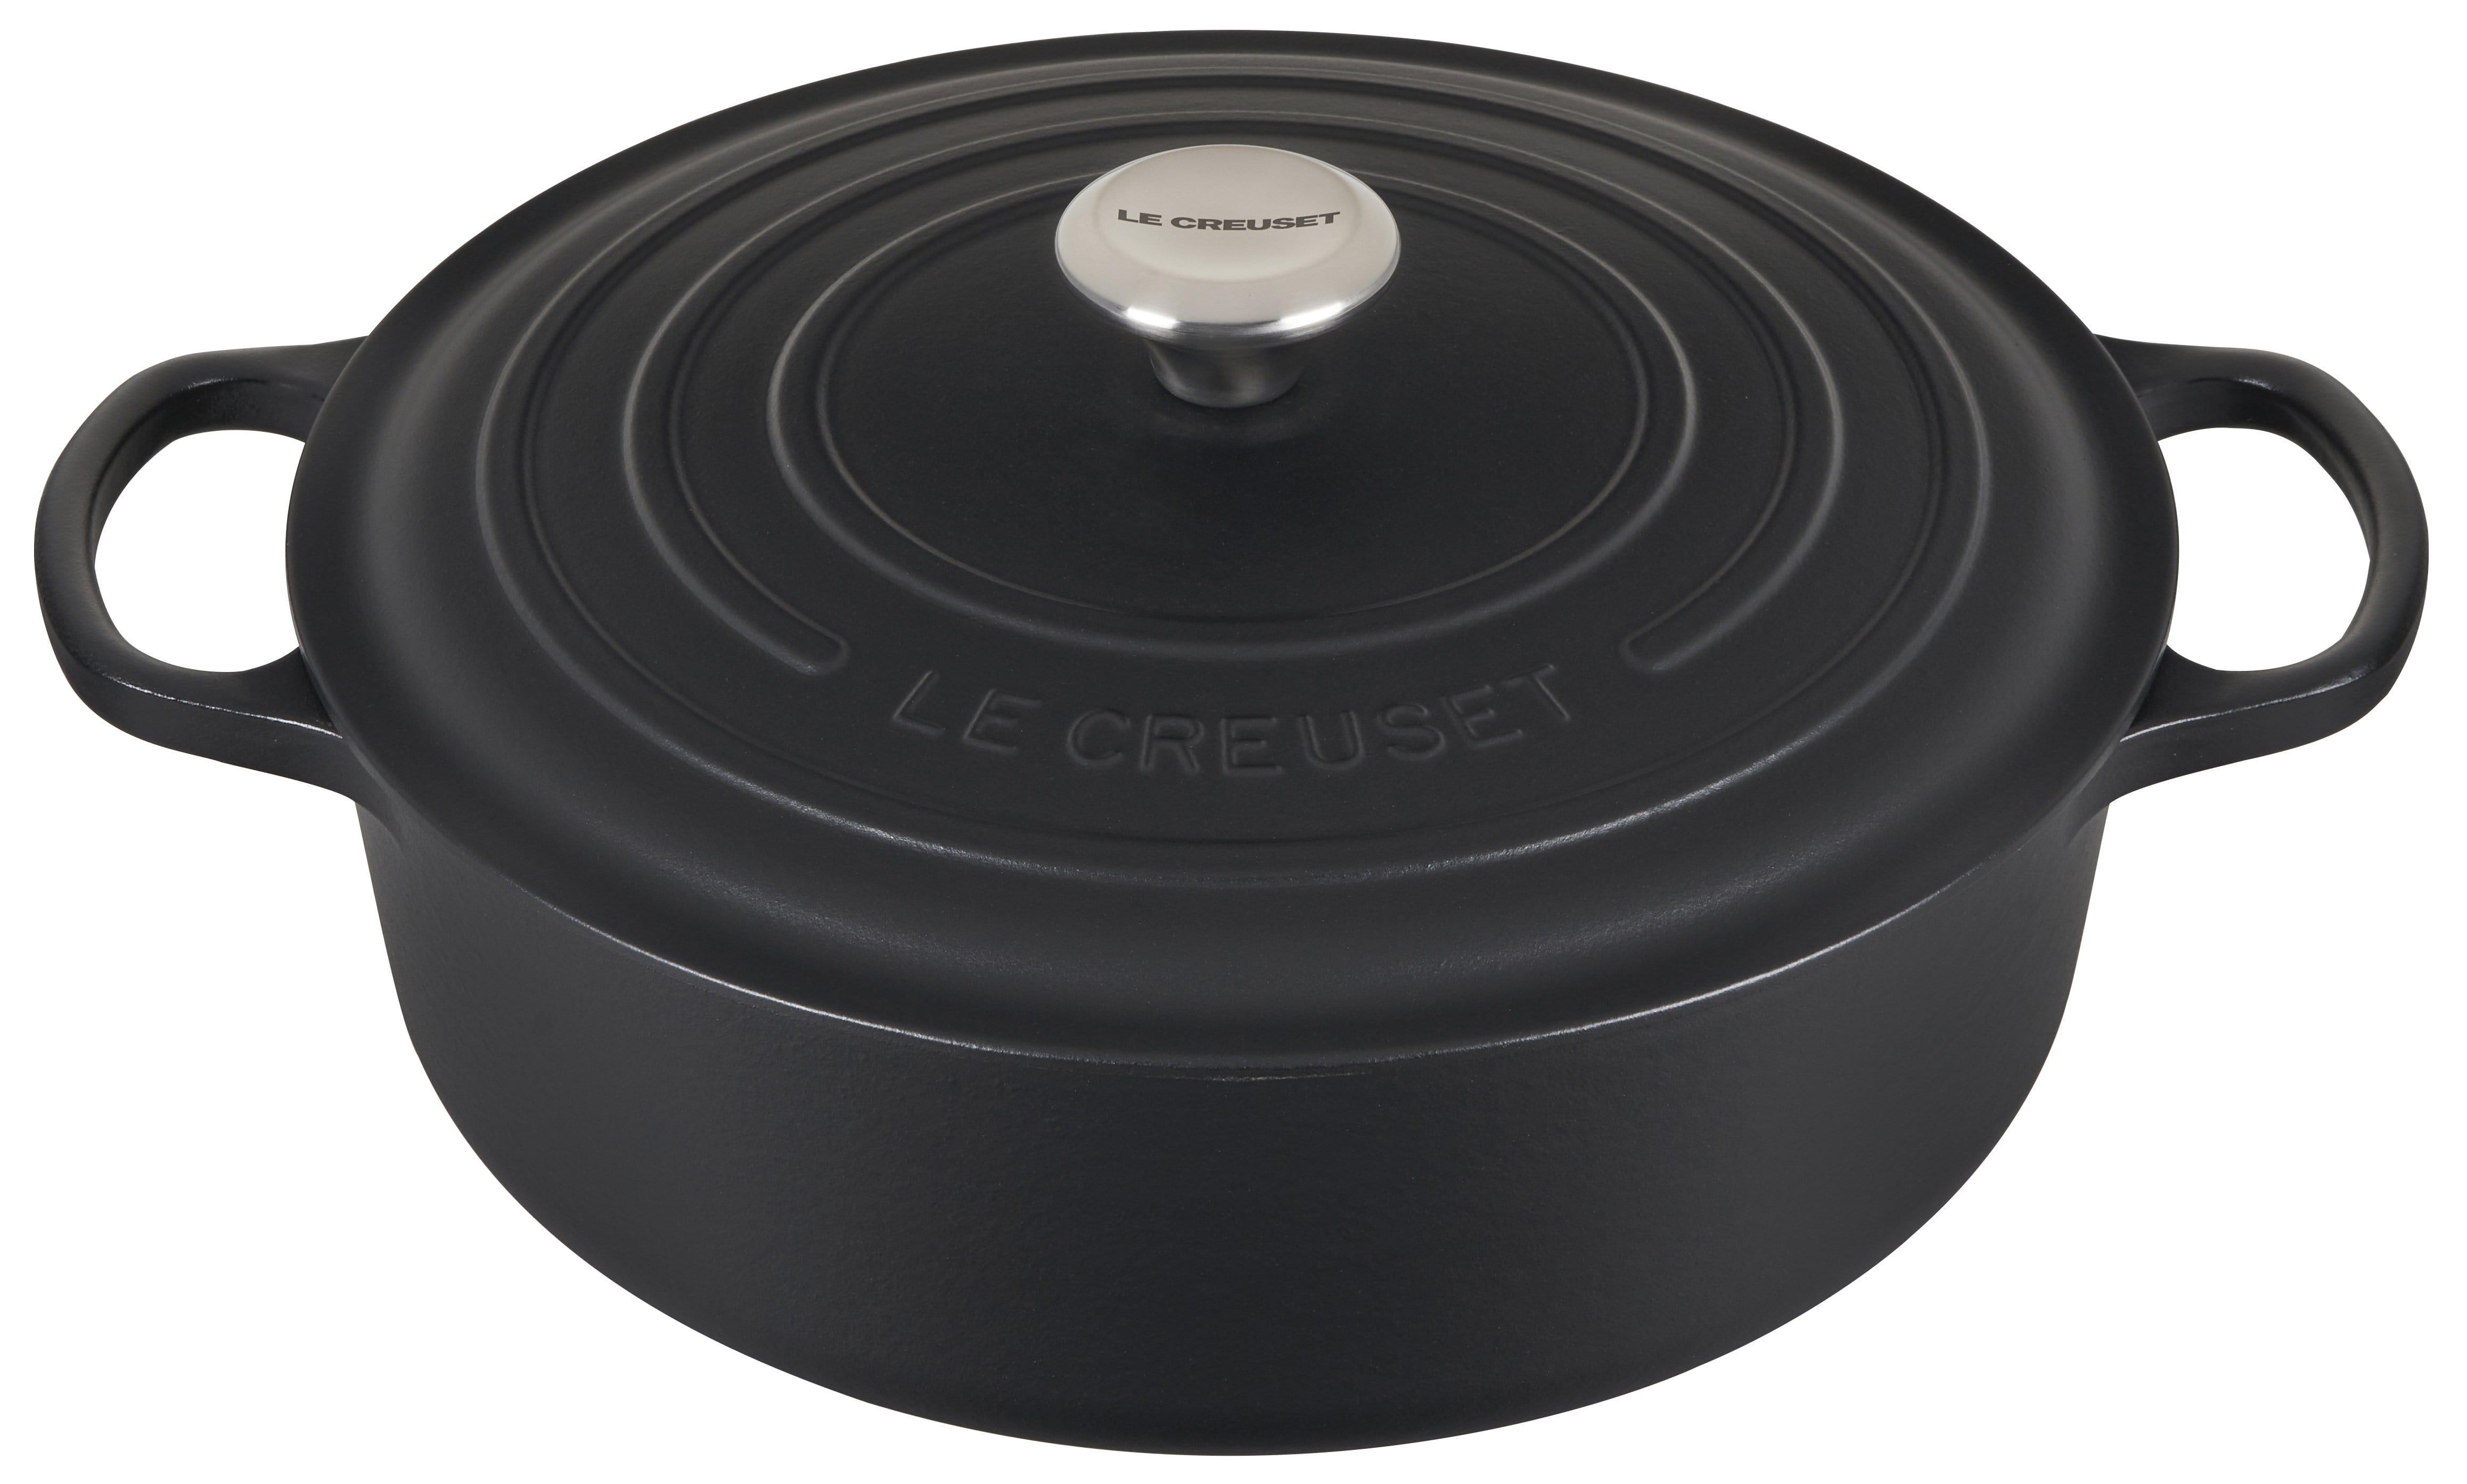 Le Creuset Signature 6.75-Qt. Round Wide Dutch Oven